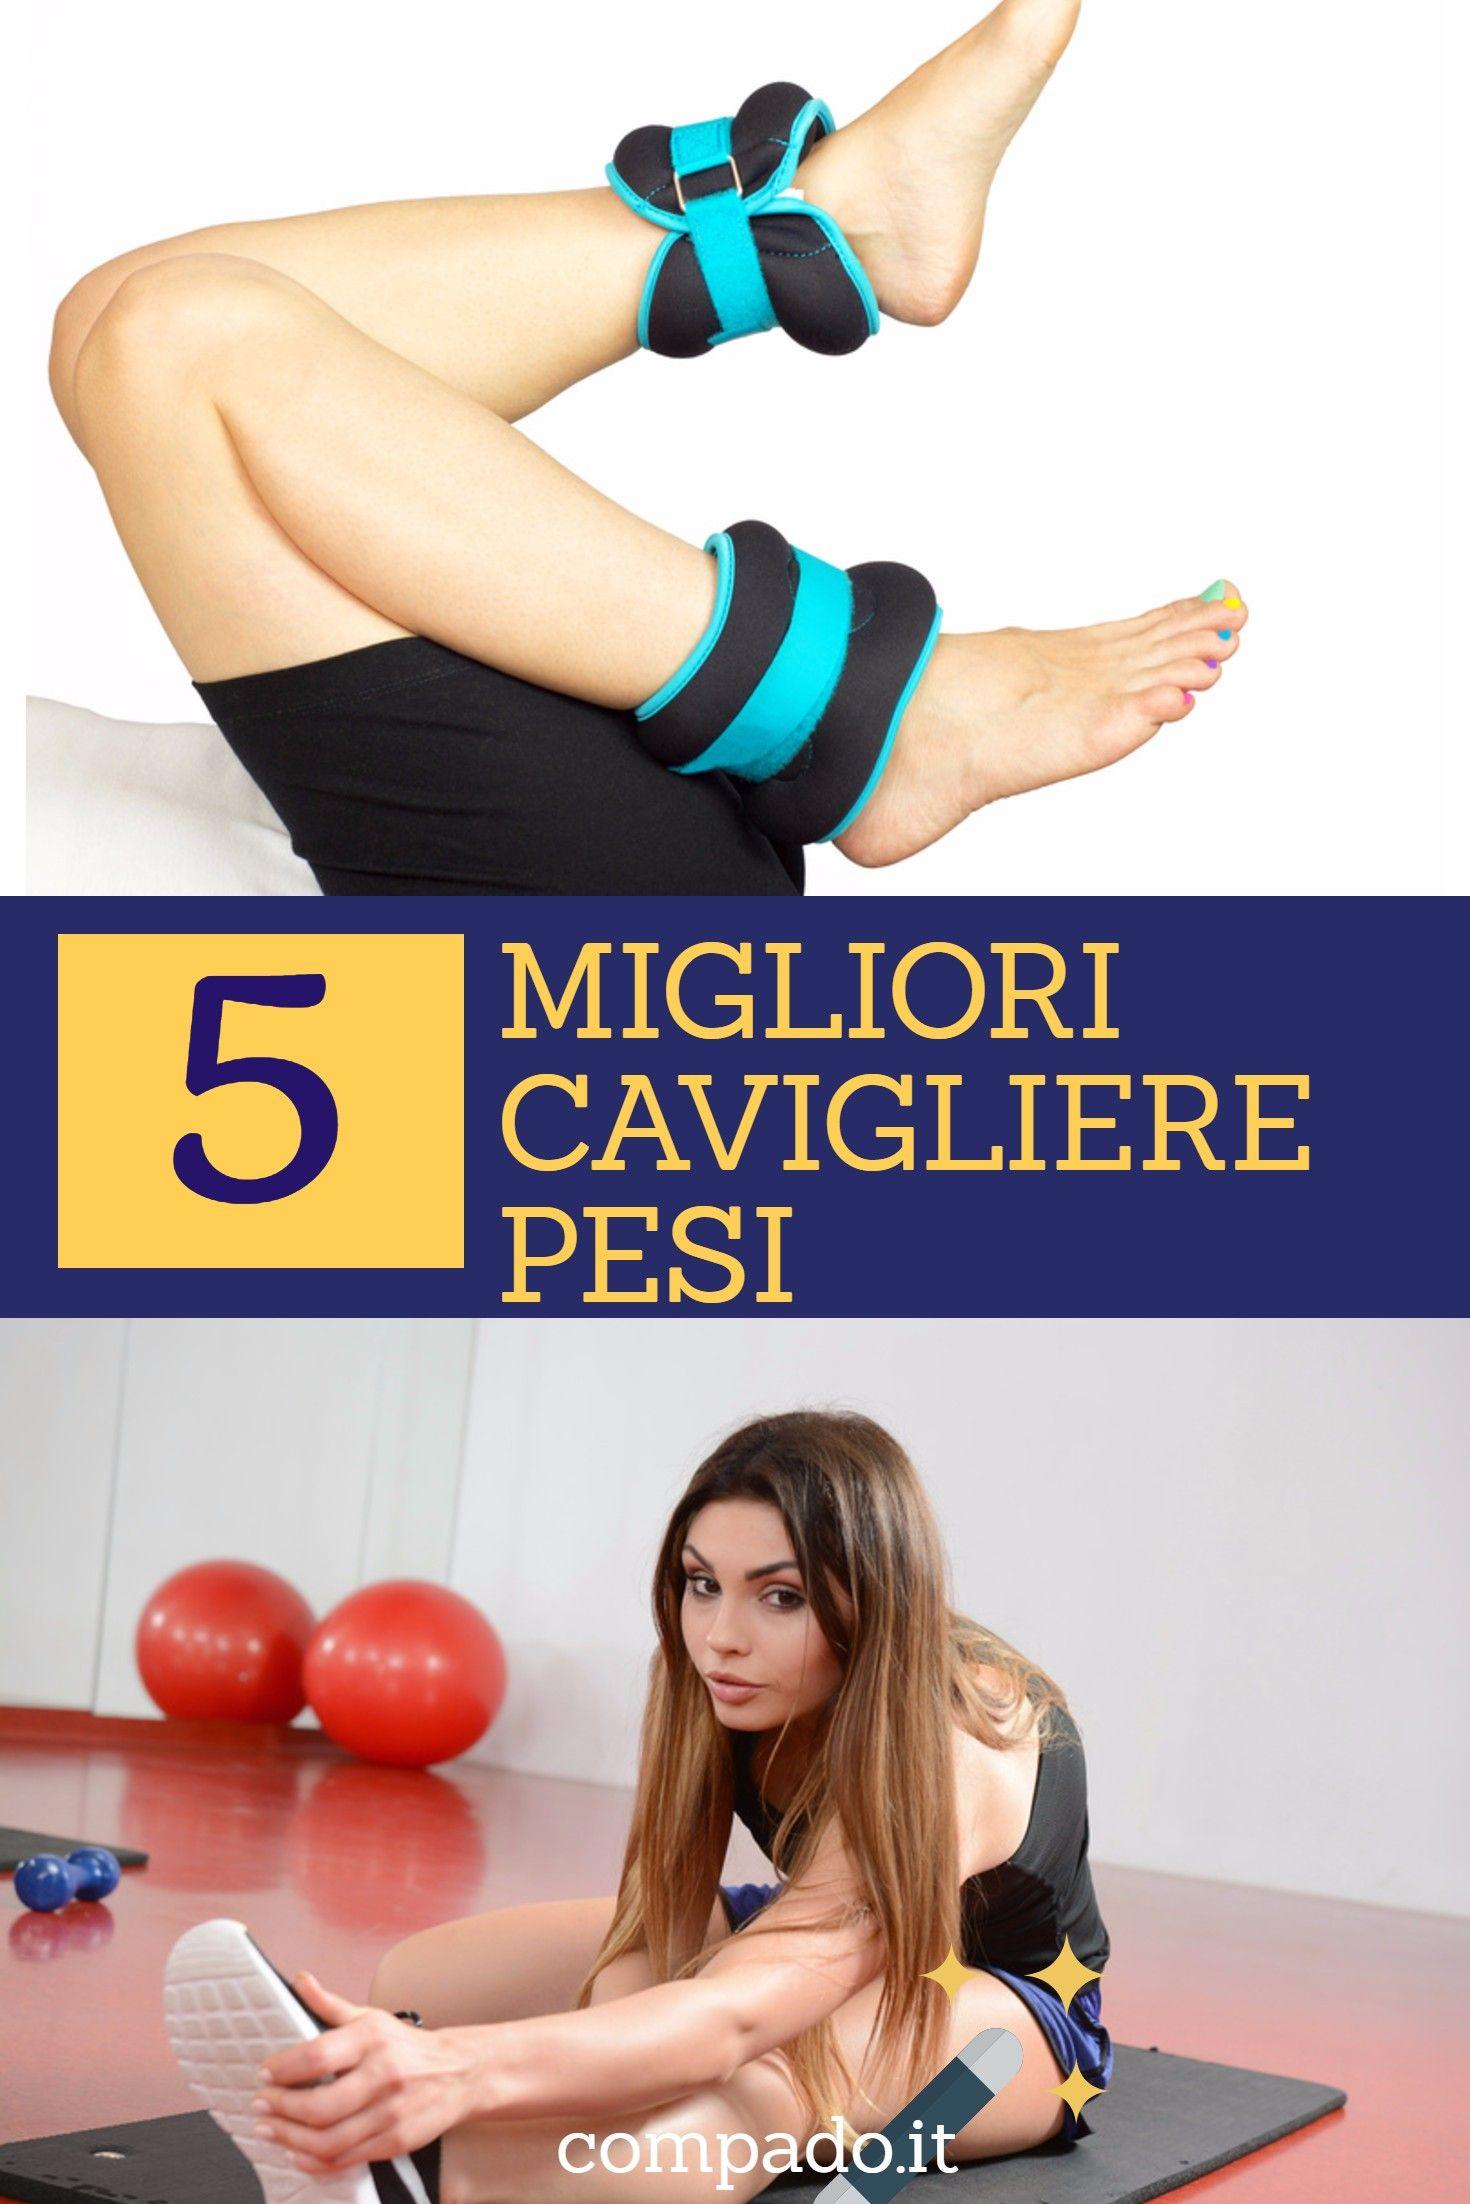 Ottime per aumentare il tono muscolare, aiutano a mantenere tonificate gambe e braccia. Scopri tra i migliori modelli con le migliori offerte nel nostro sito!🤸♀️🤹